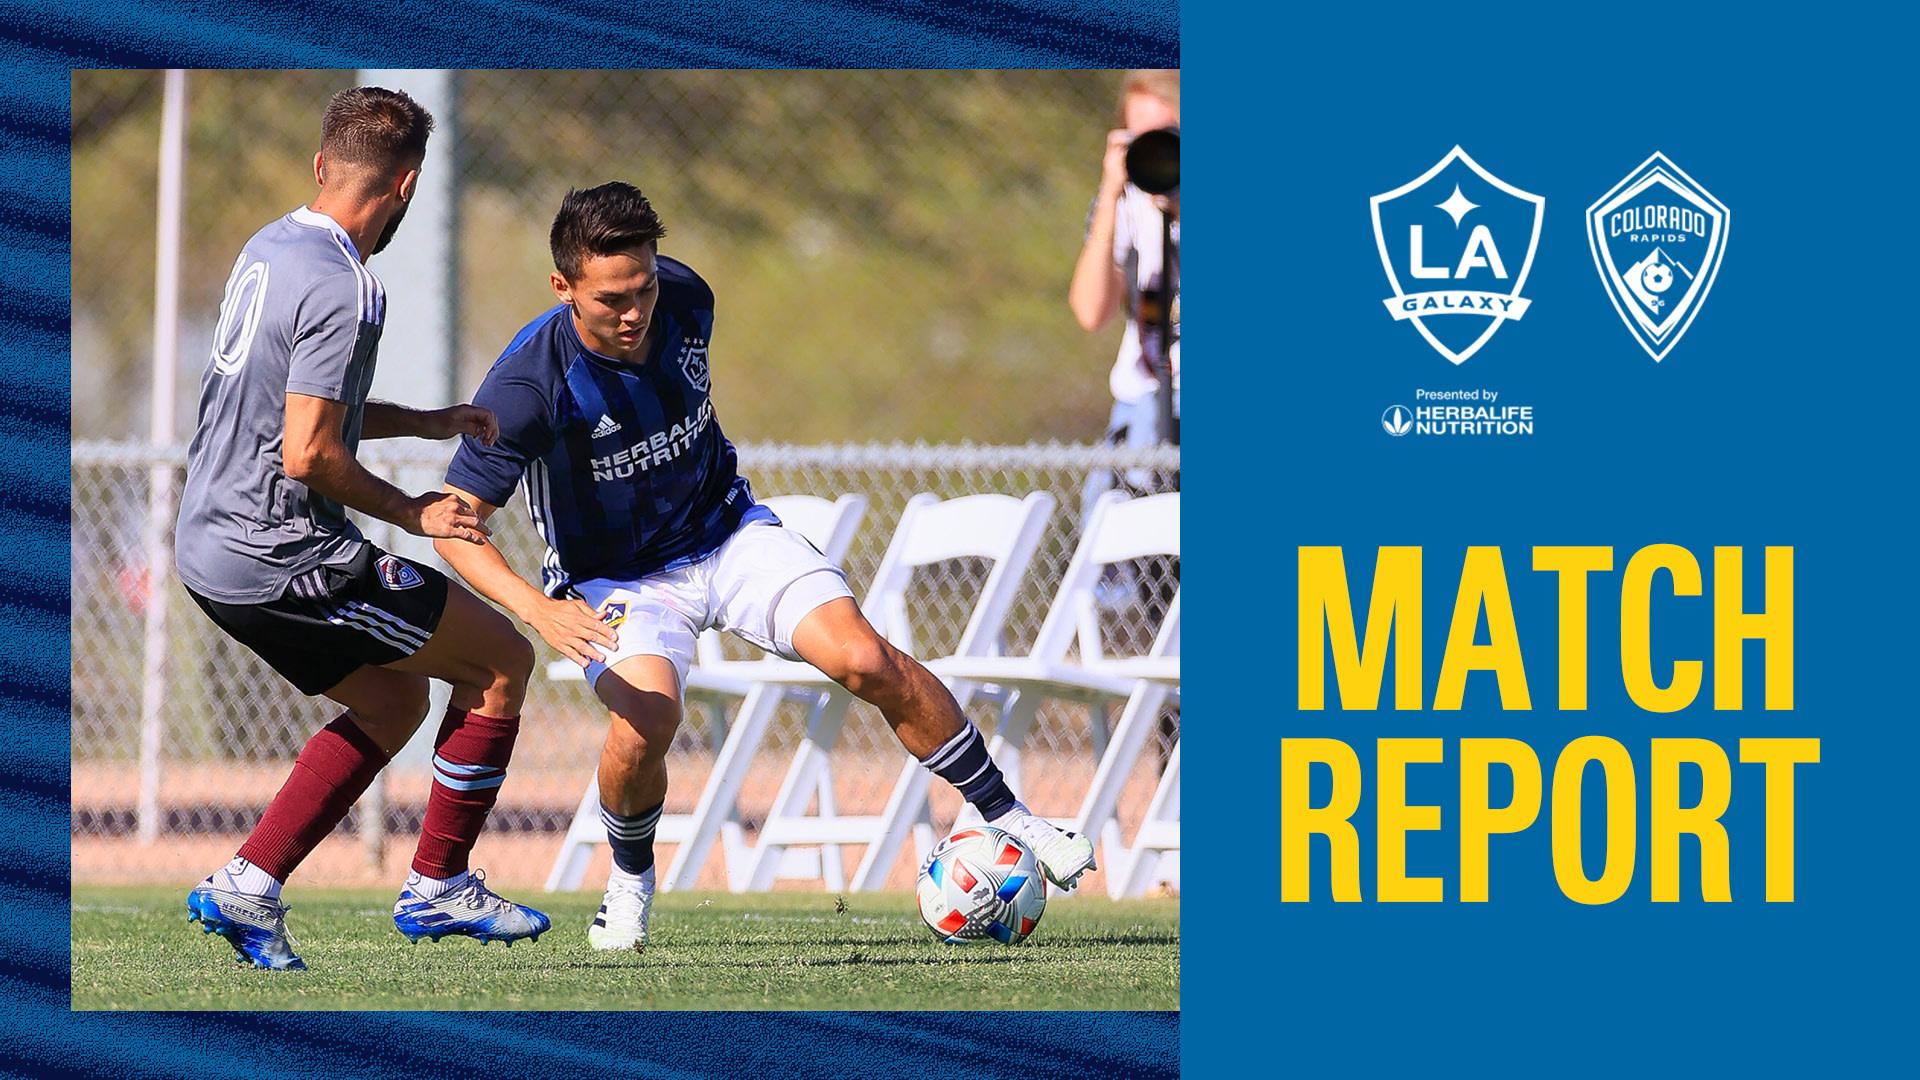 Match Report: LA Galaxy draw with Colorado Rapids in preseason contest | LA Galaxy